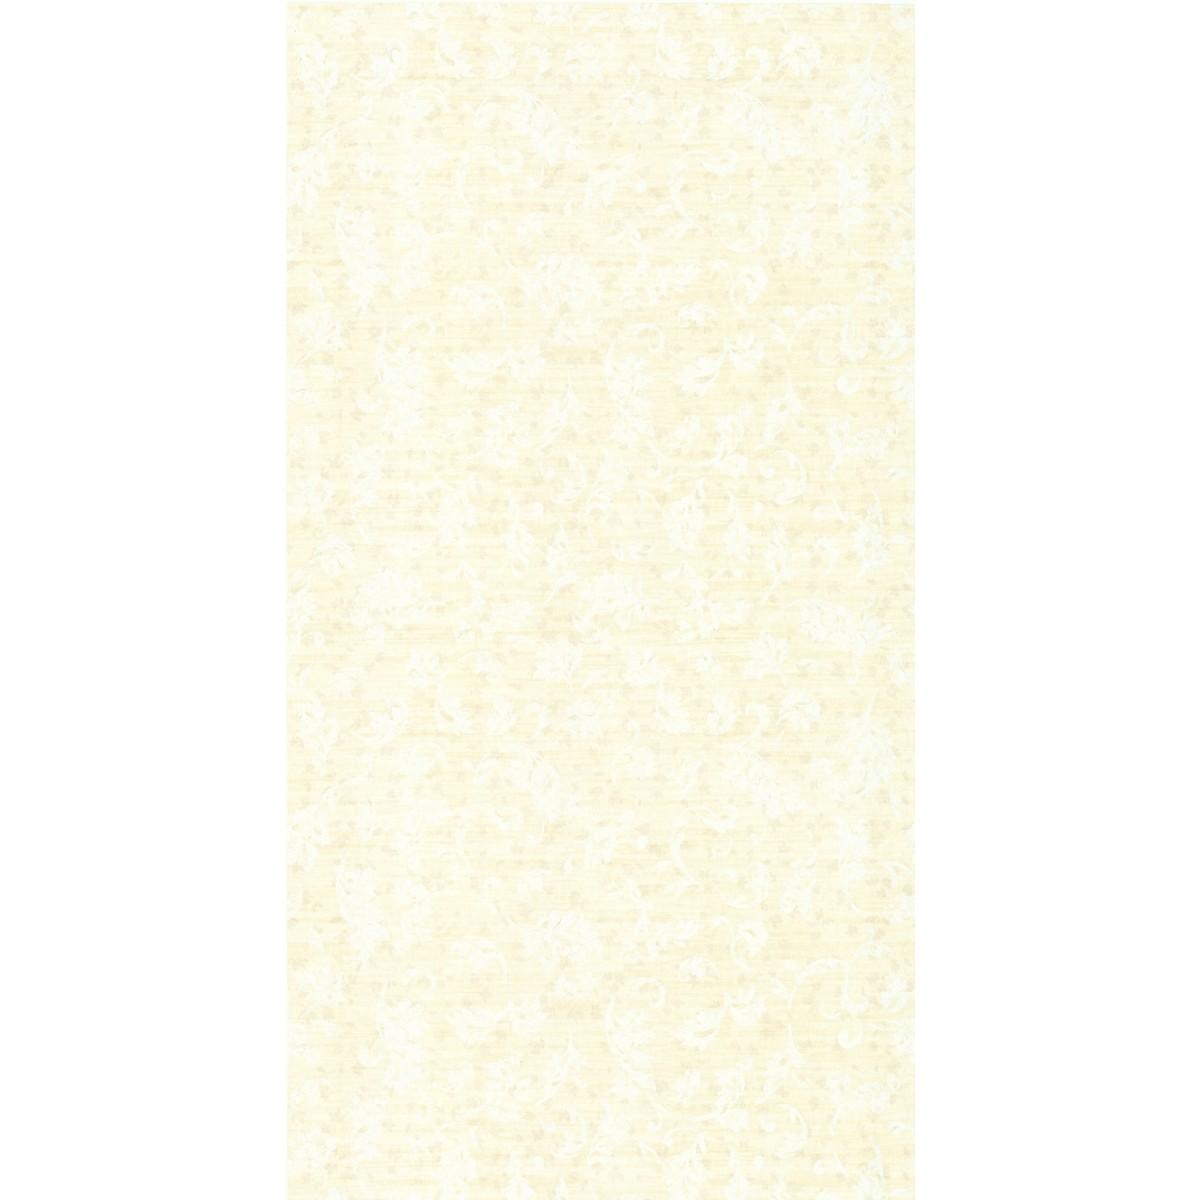 Обои виниловые Chelsea Decor Wallpapers Bramhall бежевые CD001069 0.52 м